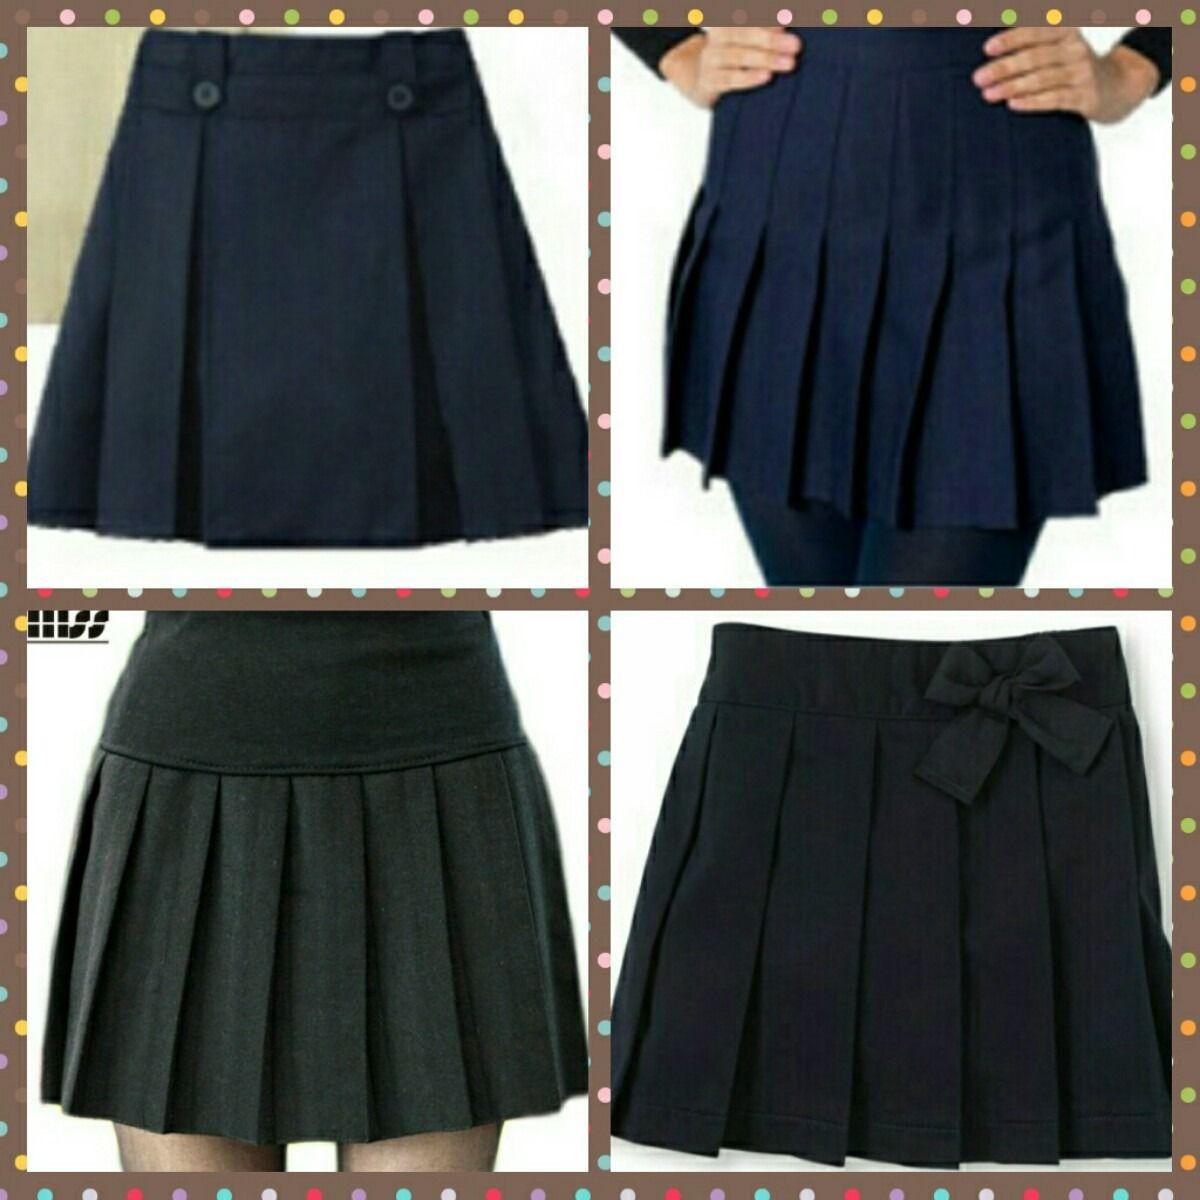 4b53502cc Modelos de falda escolar #escolar #falda #modelos #modelosdeFalda Faldas De Uniforme  Escolar